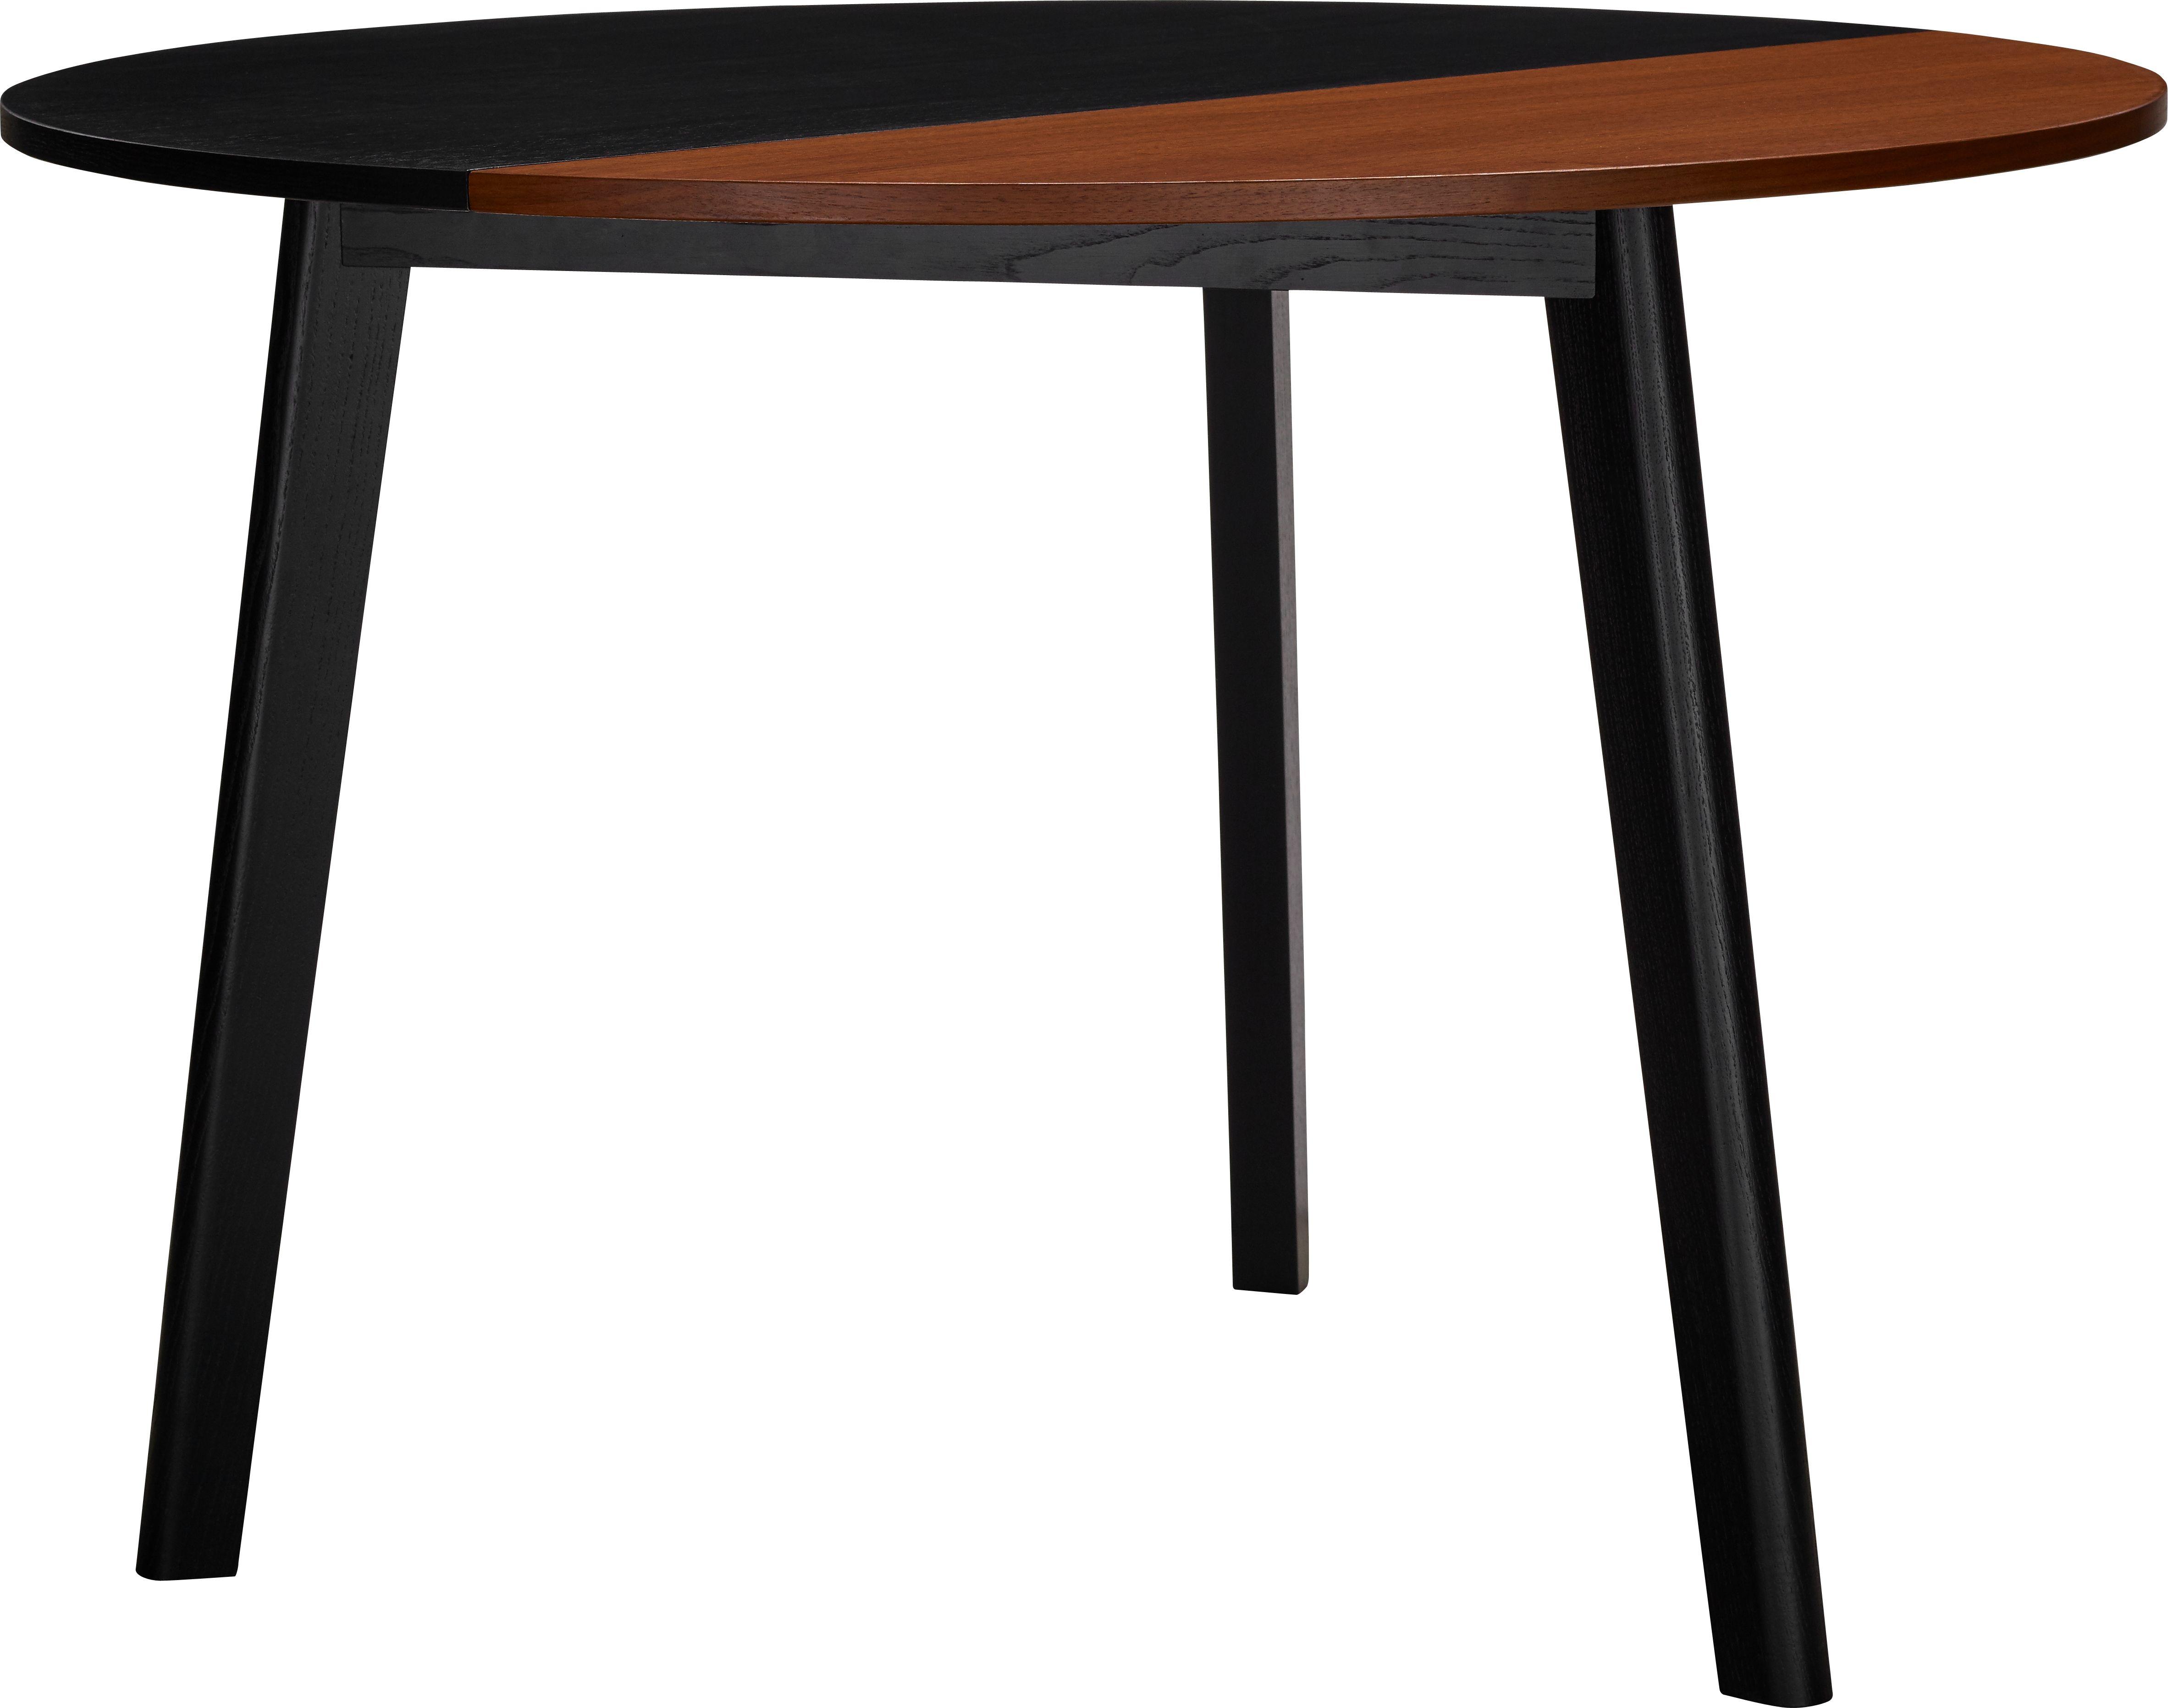 Pivot Table Avec Plateau Bicolore Pliant En Noyer Design By Goncalo Campos Table Extensible Habitat Table Habitat